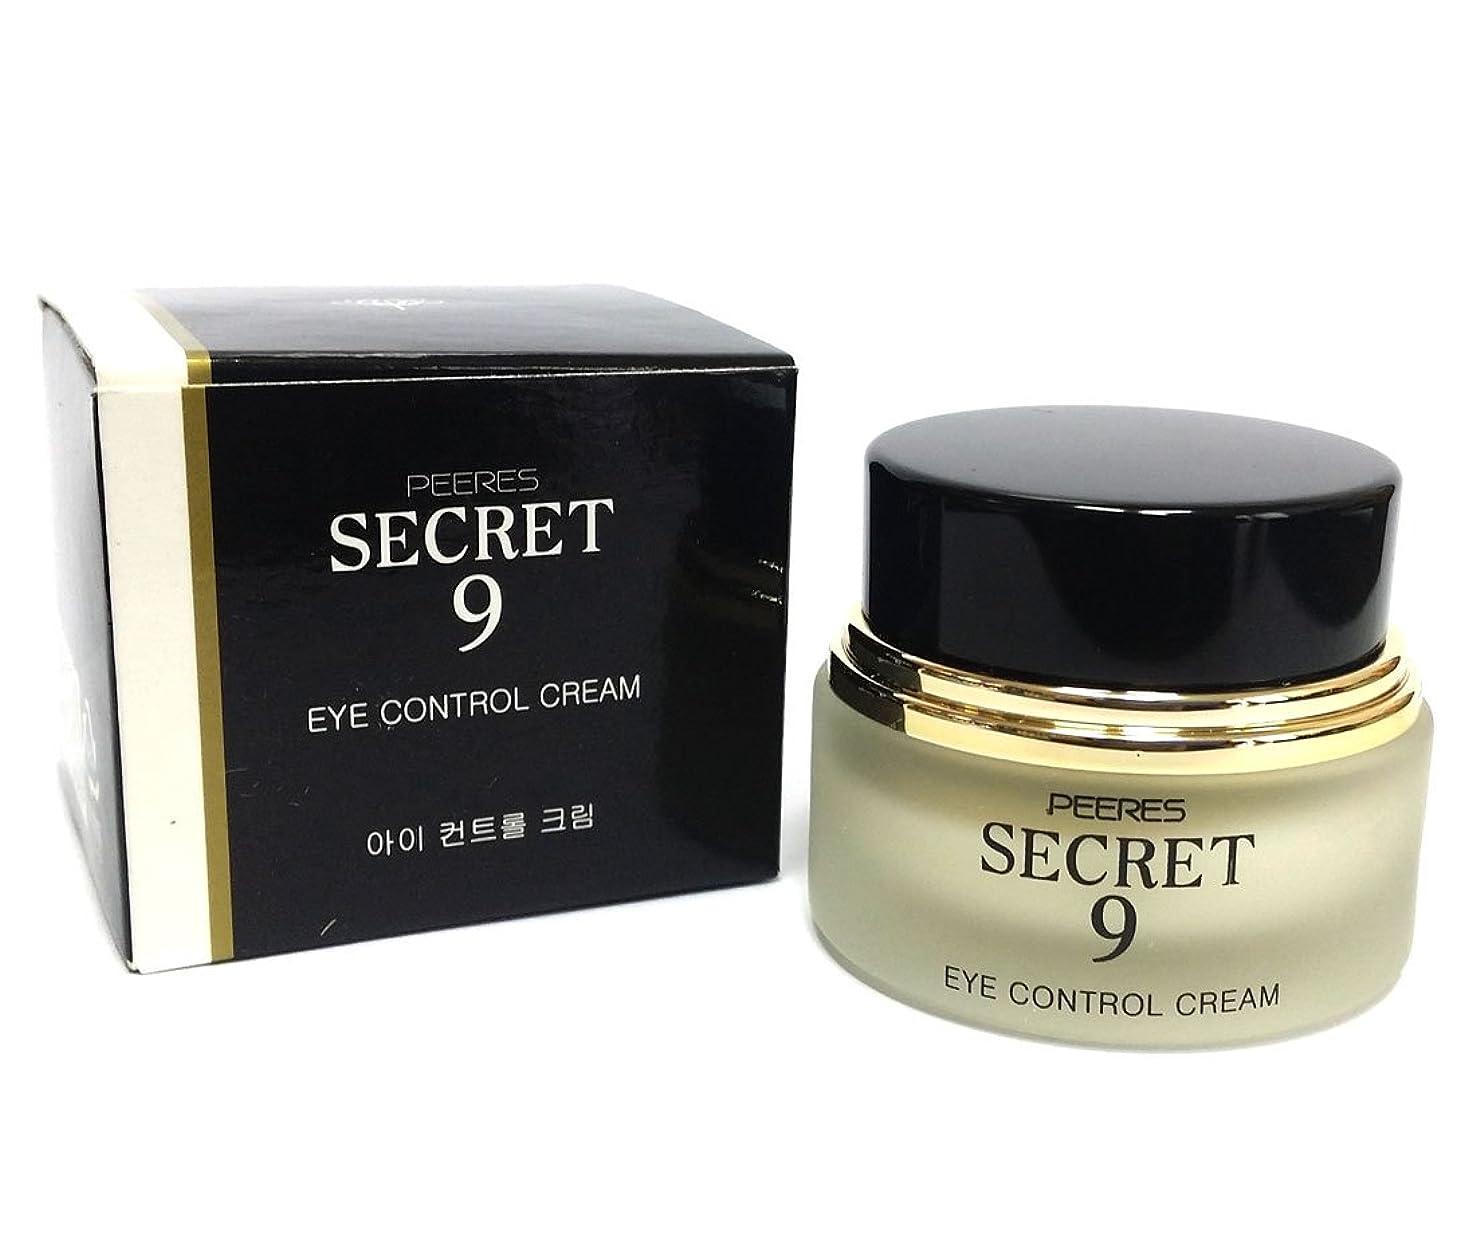 書くノイズ音[PEERES] シークレット9アイコントロールクリーム20g / Secret 9 Eye Control Cream 20g / しわ、しっとり、弾力、トリートメント/ anti-wrinkle, moisturizes, elasticity, Treatment / 韓国化粧品 / Korean Cosmetics [並行輸入品]